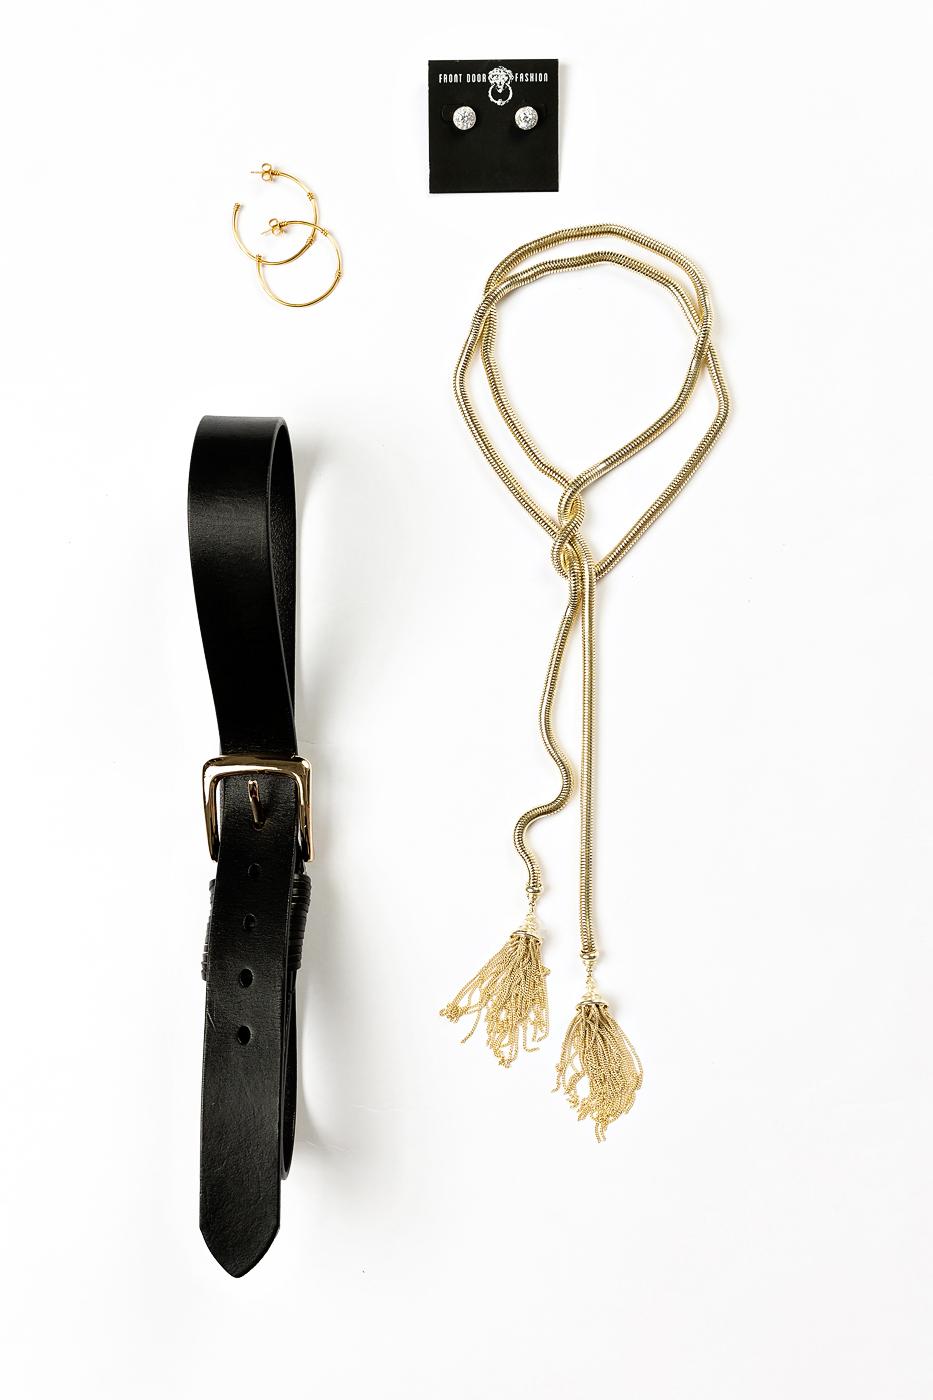 Kendra Scott necklace, Julie Vos hoop earriings, Elise M black leather belt